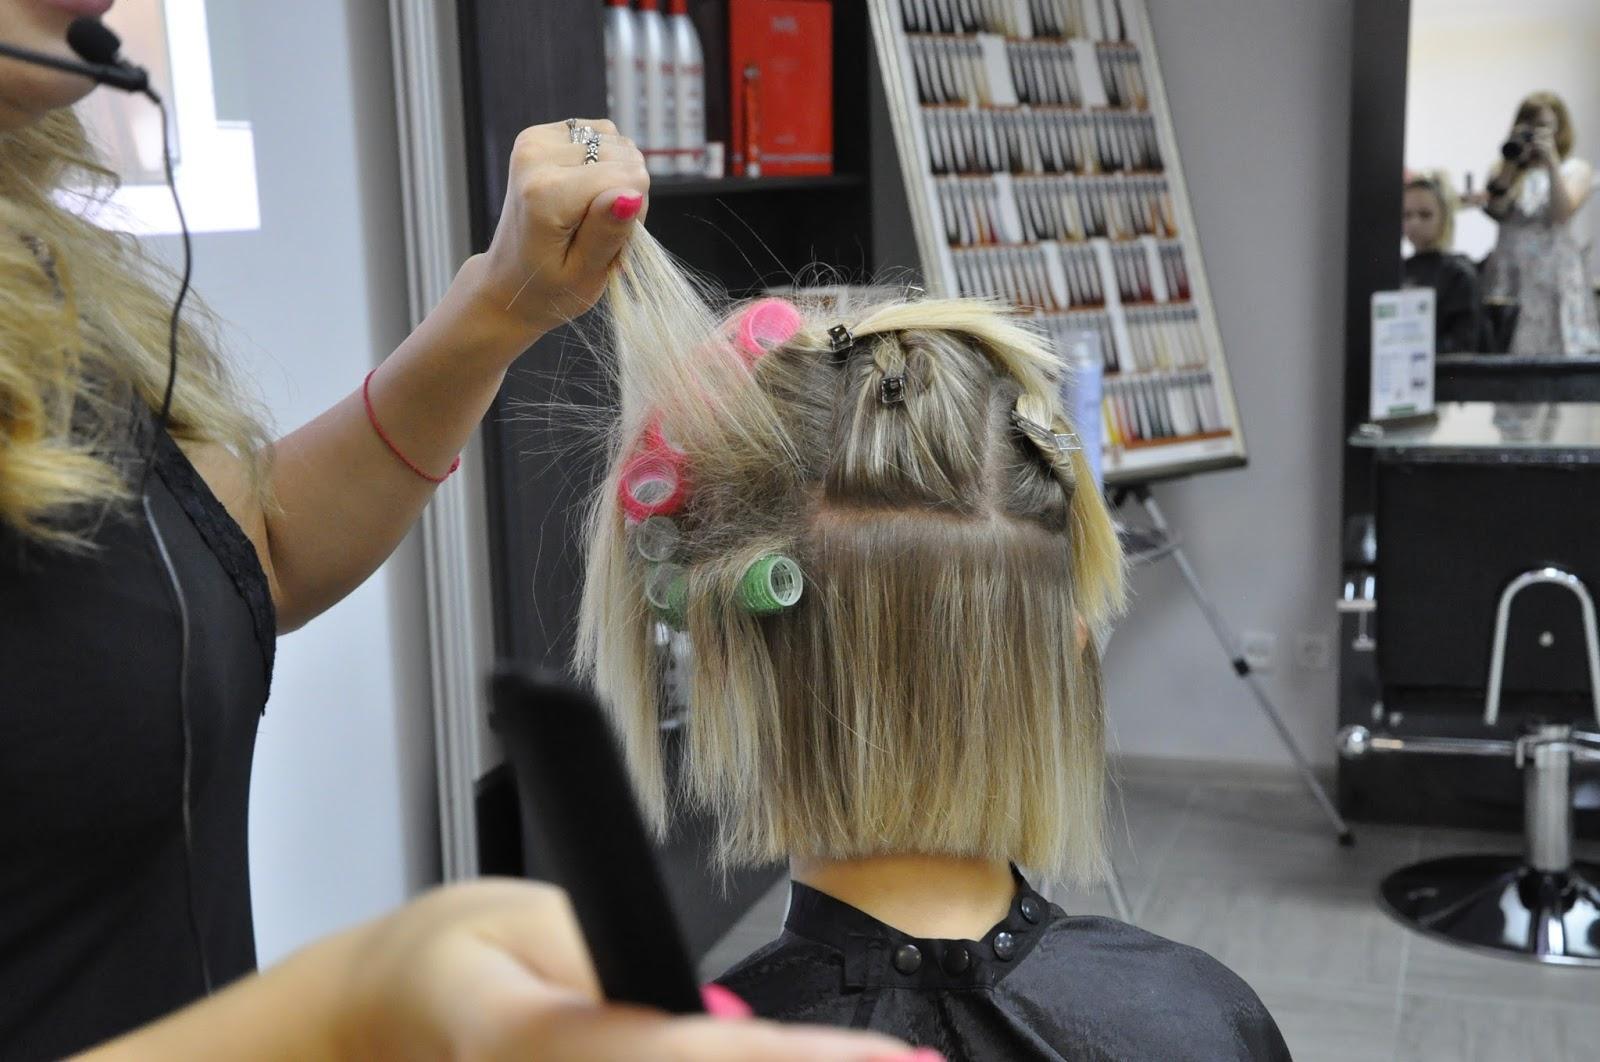 Прикорневой объем волос Буст ап